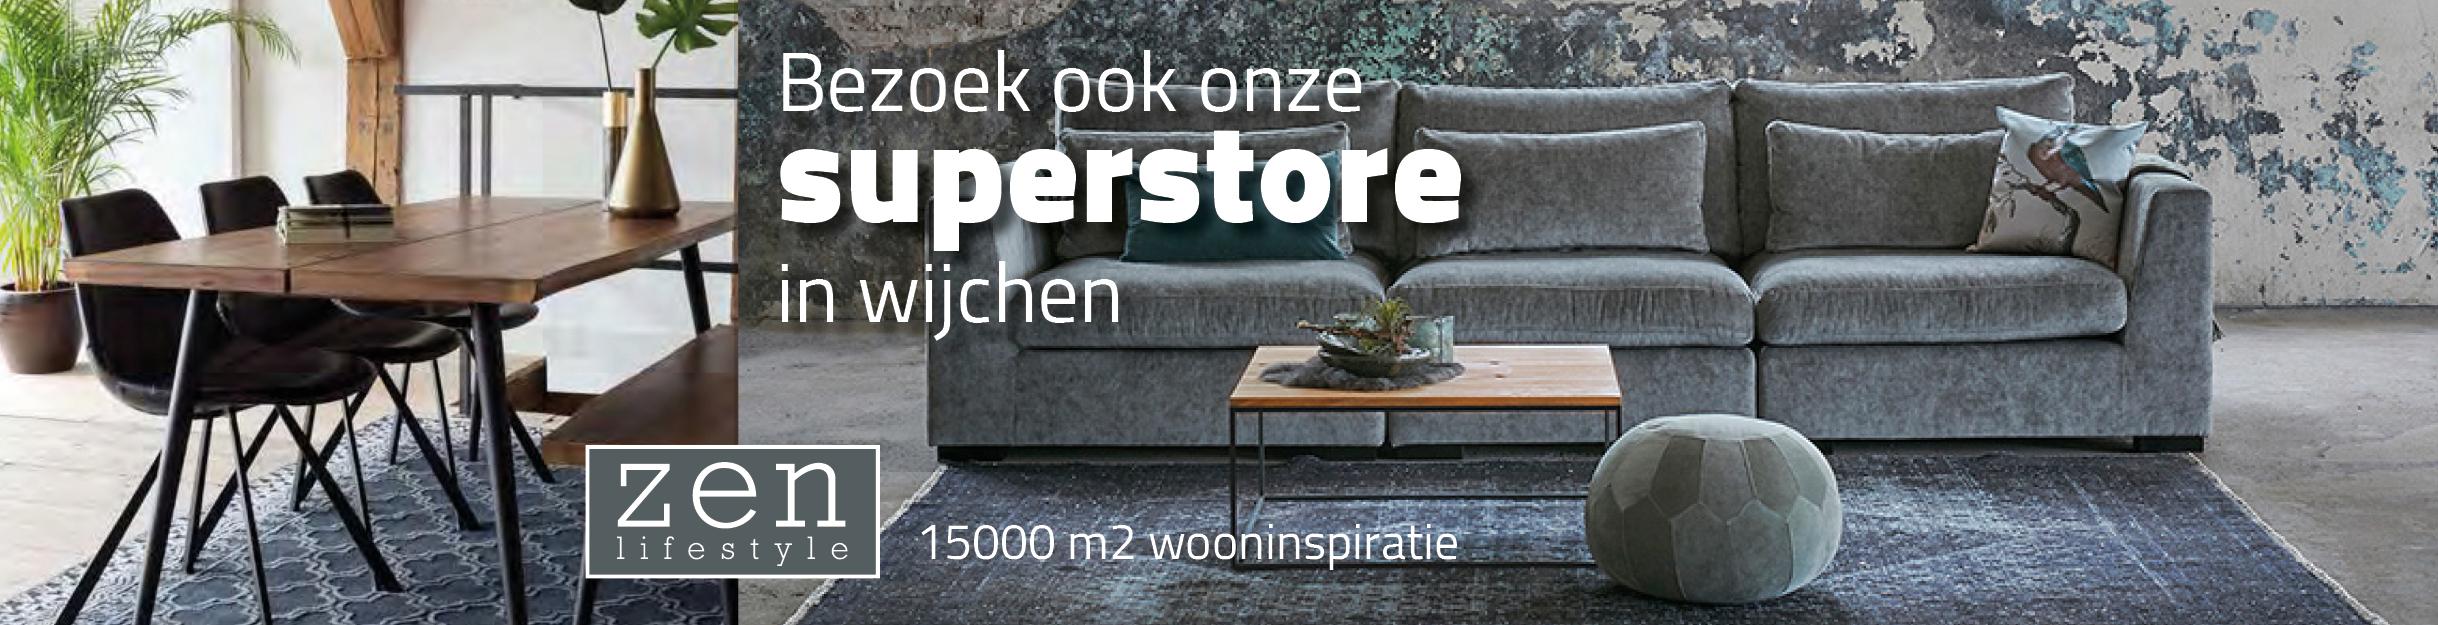 Bezoek ook onze SUPERSTORE in Wijchen!